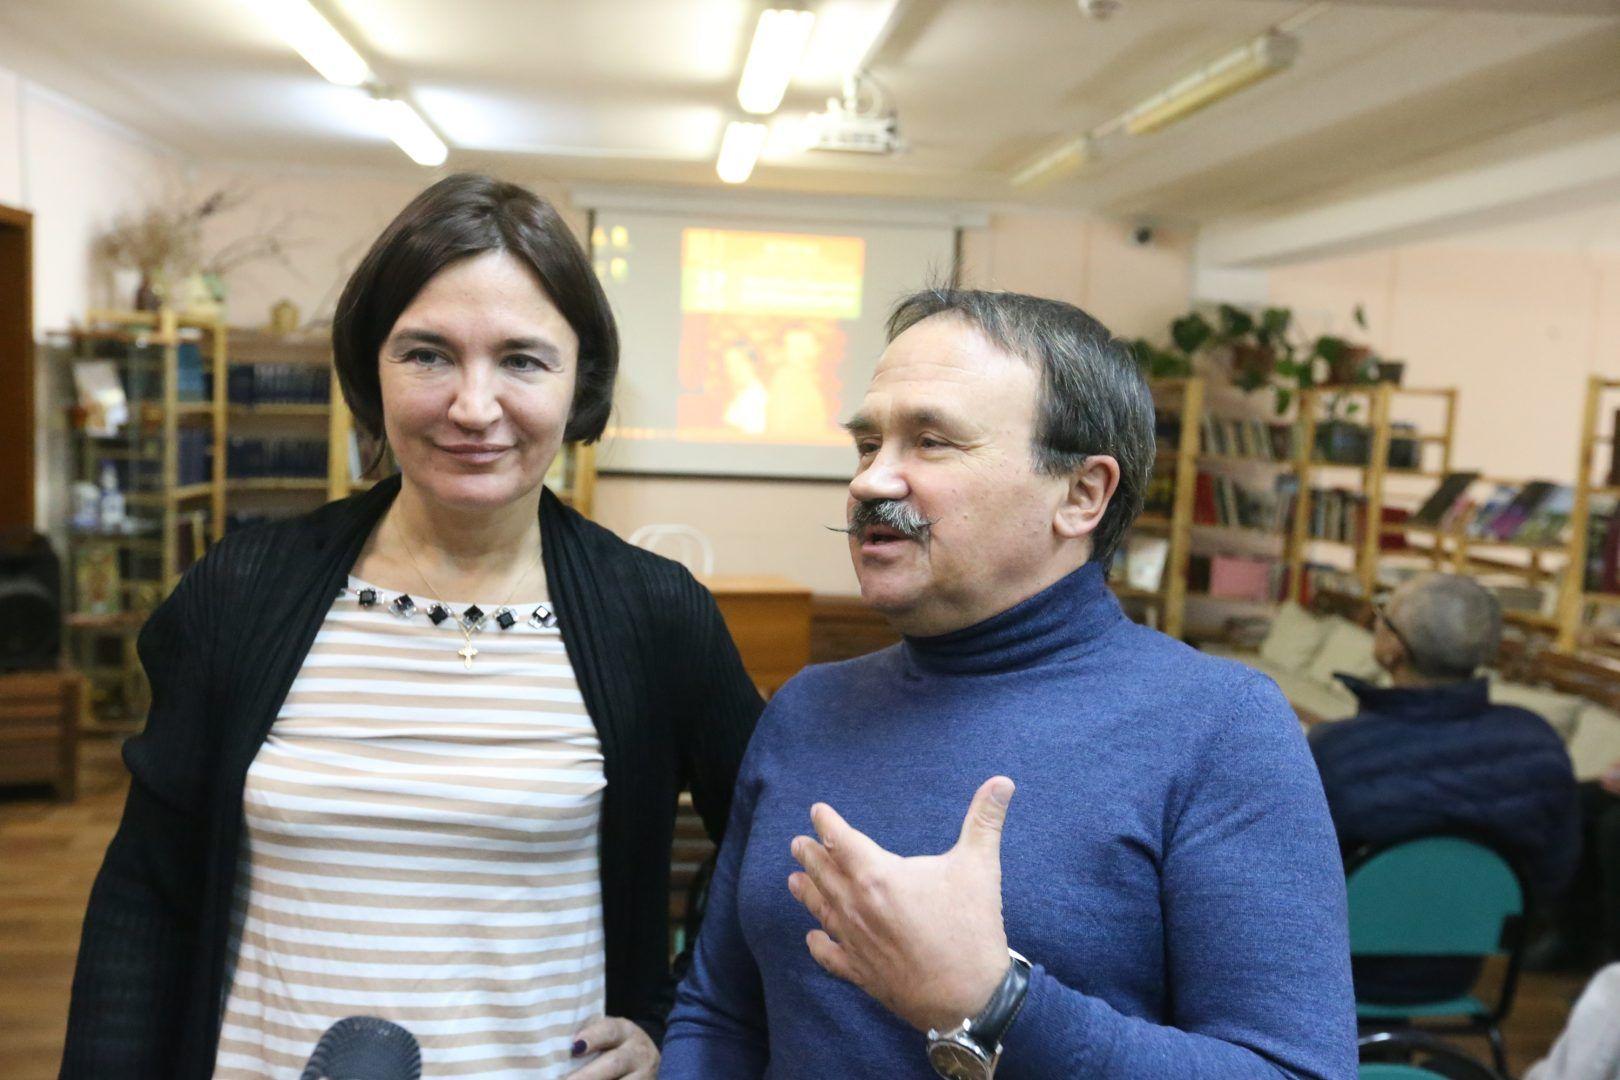 17 ноября 2018 года. Московский. Анна и Сергей Литвиновы во время встречи с читателями в одной из библиотек поселения. Фото: Виктор Хабаров